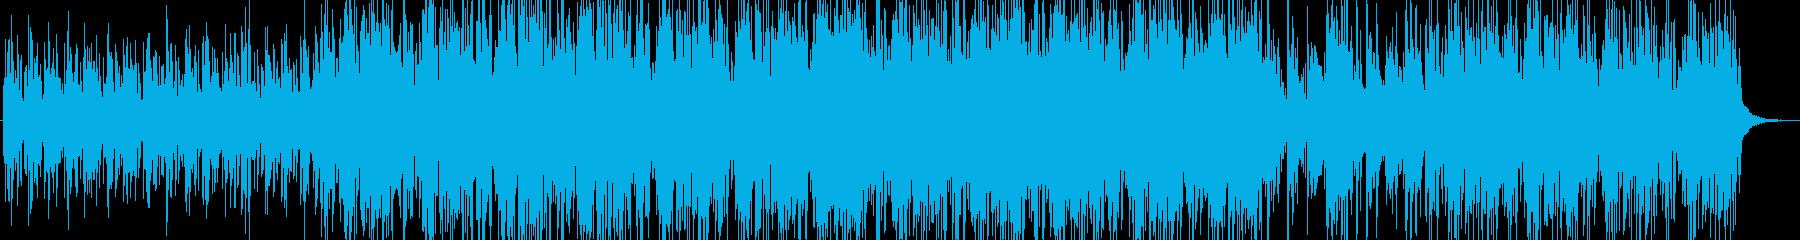 美しいラウンジミュージックの再生済みの波形